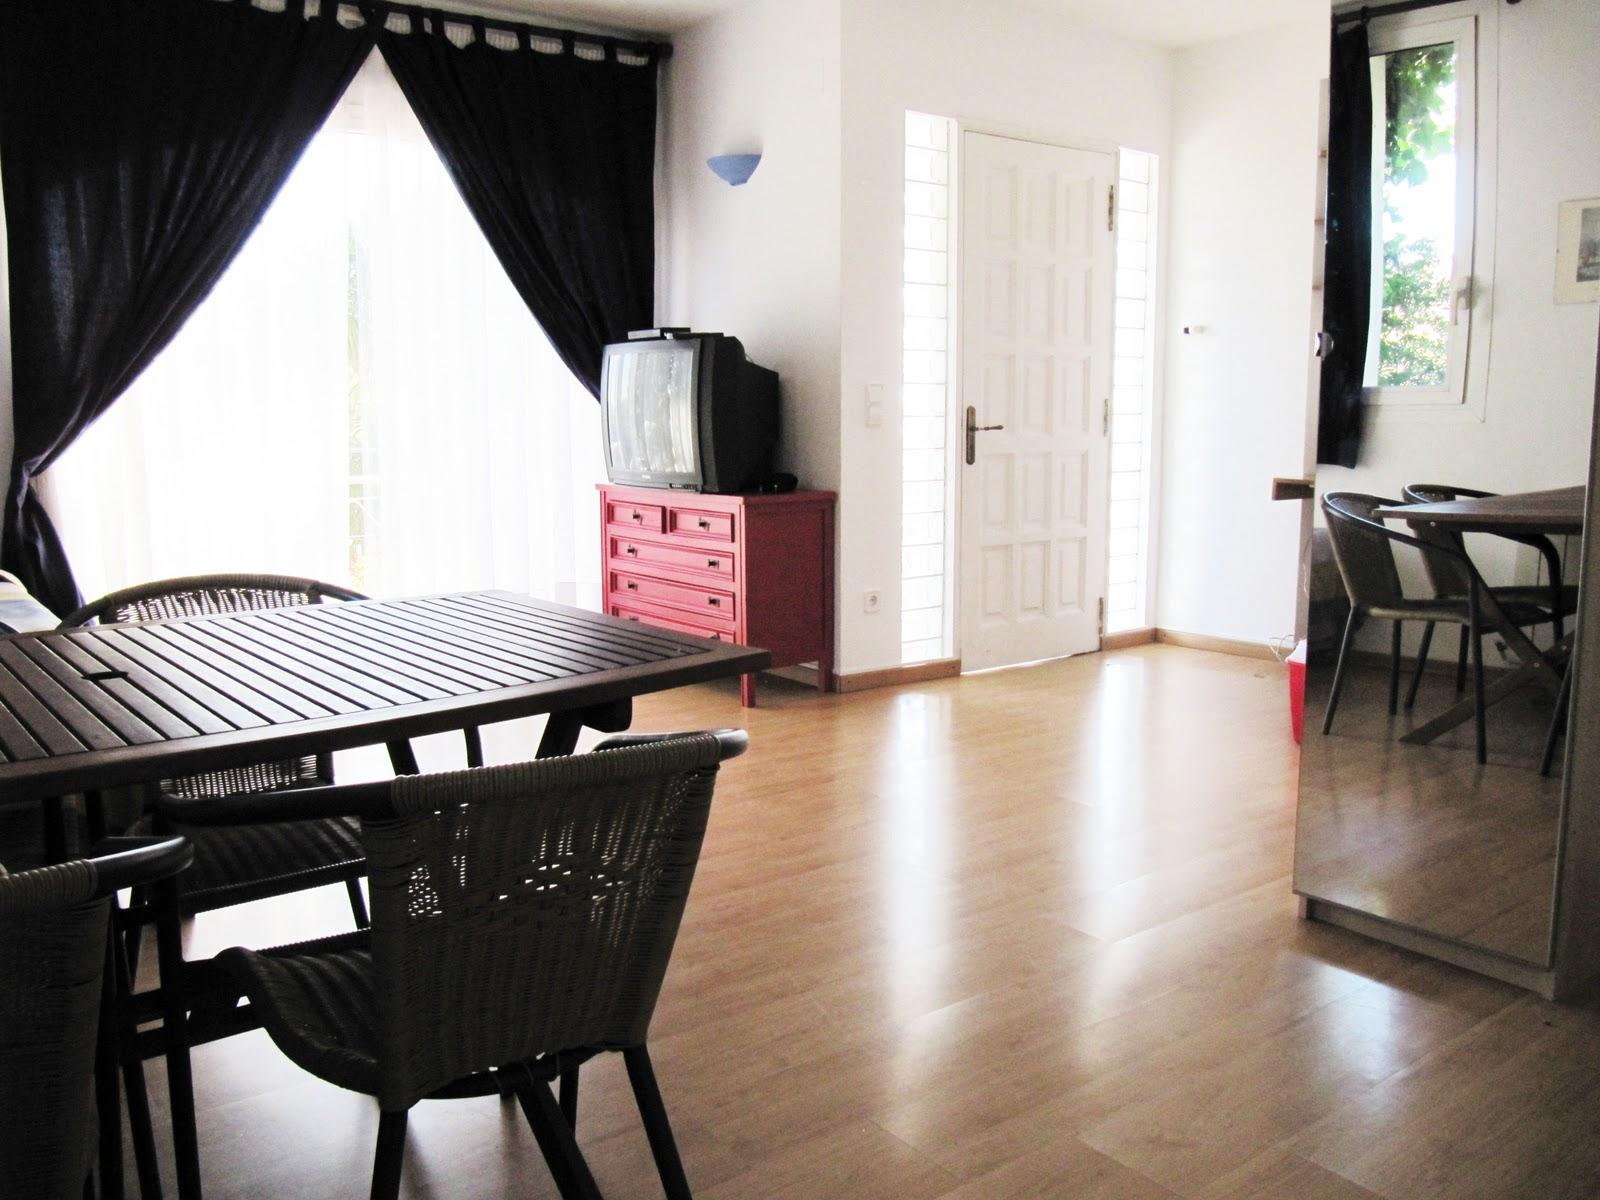 Lasbuganvillasonline apartamento sitges - Apartamentos mediterraneo sitges ...